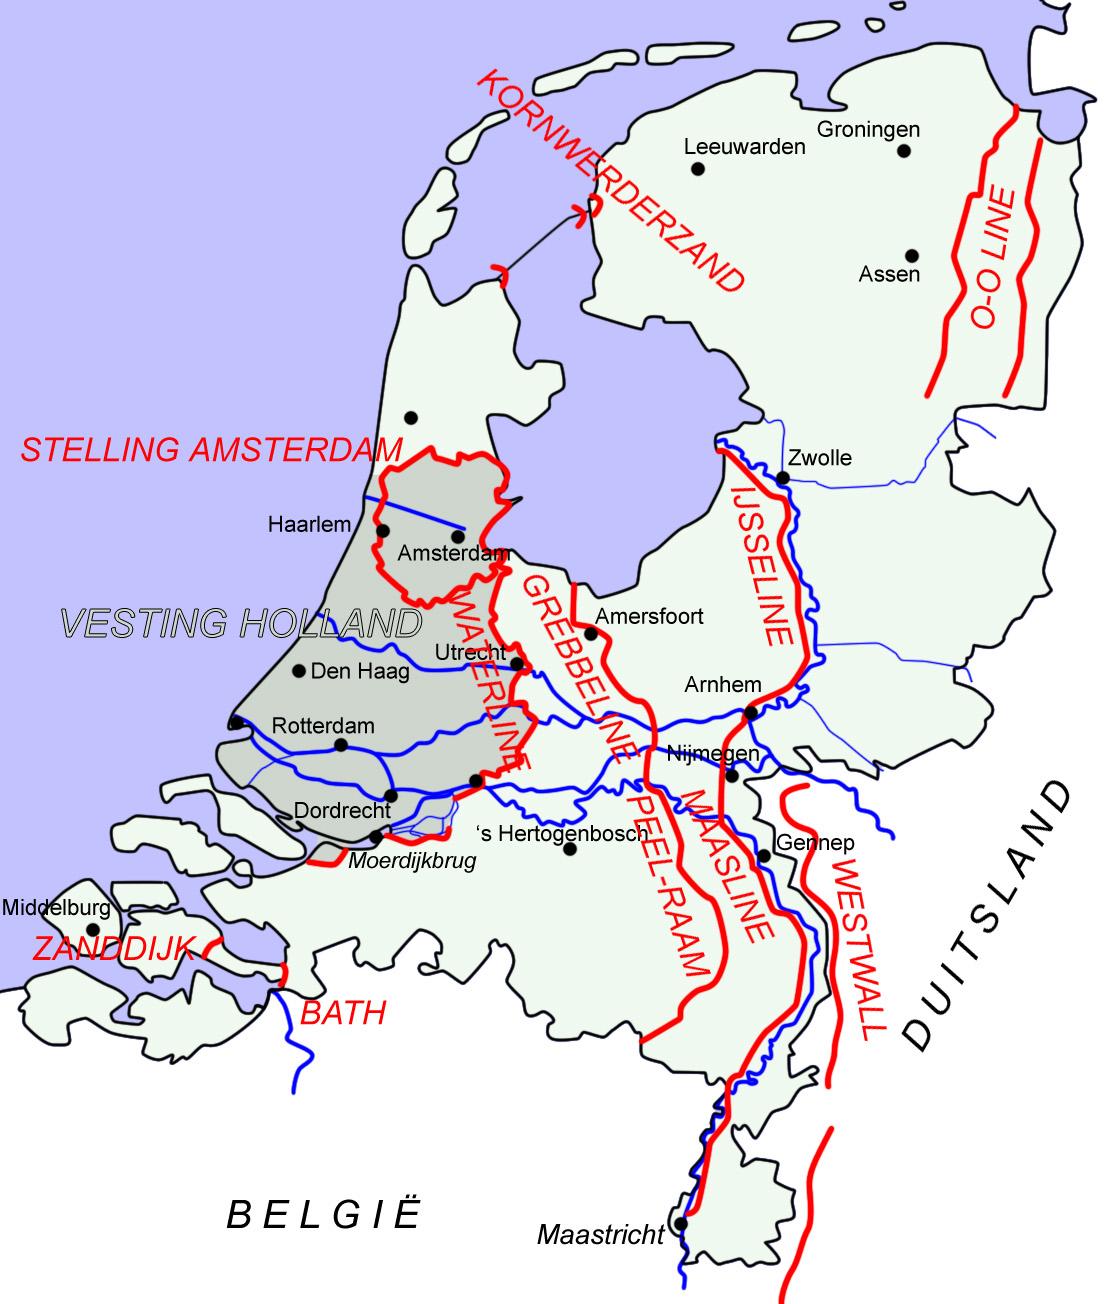 Διαδοχικές γραμμές άμυνας στην Ολλανδία